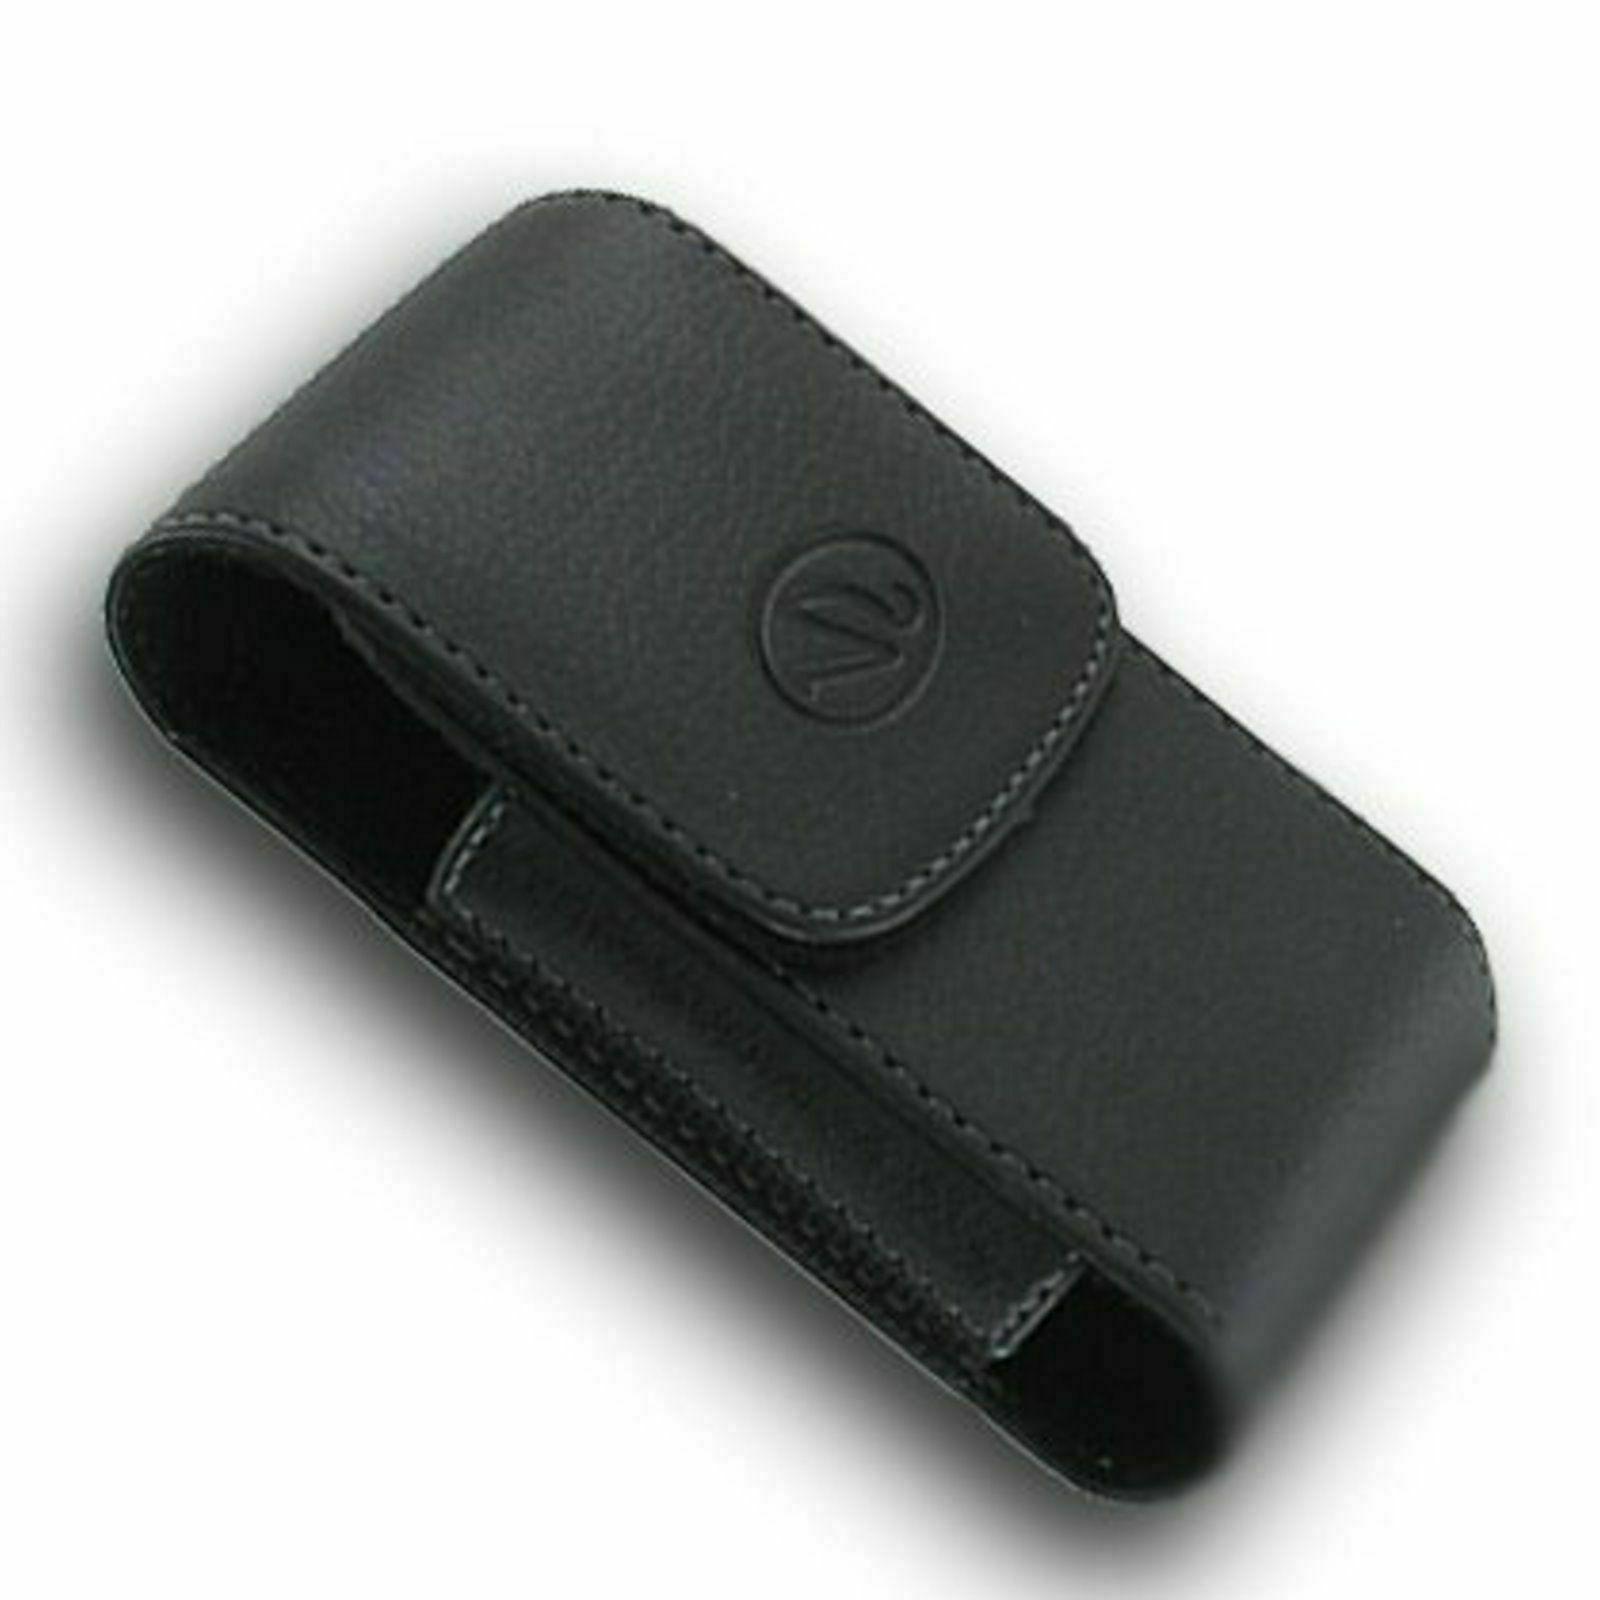 Case Clip For Holder